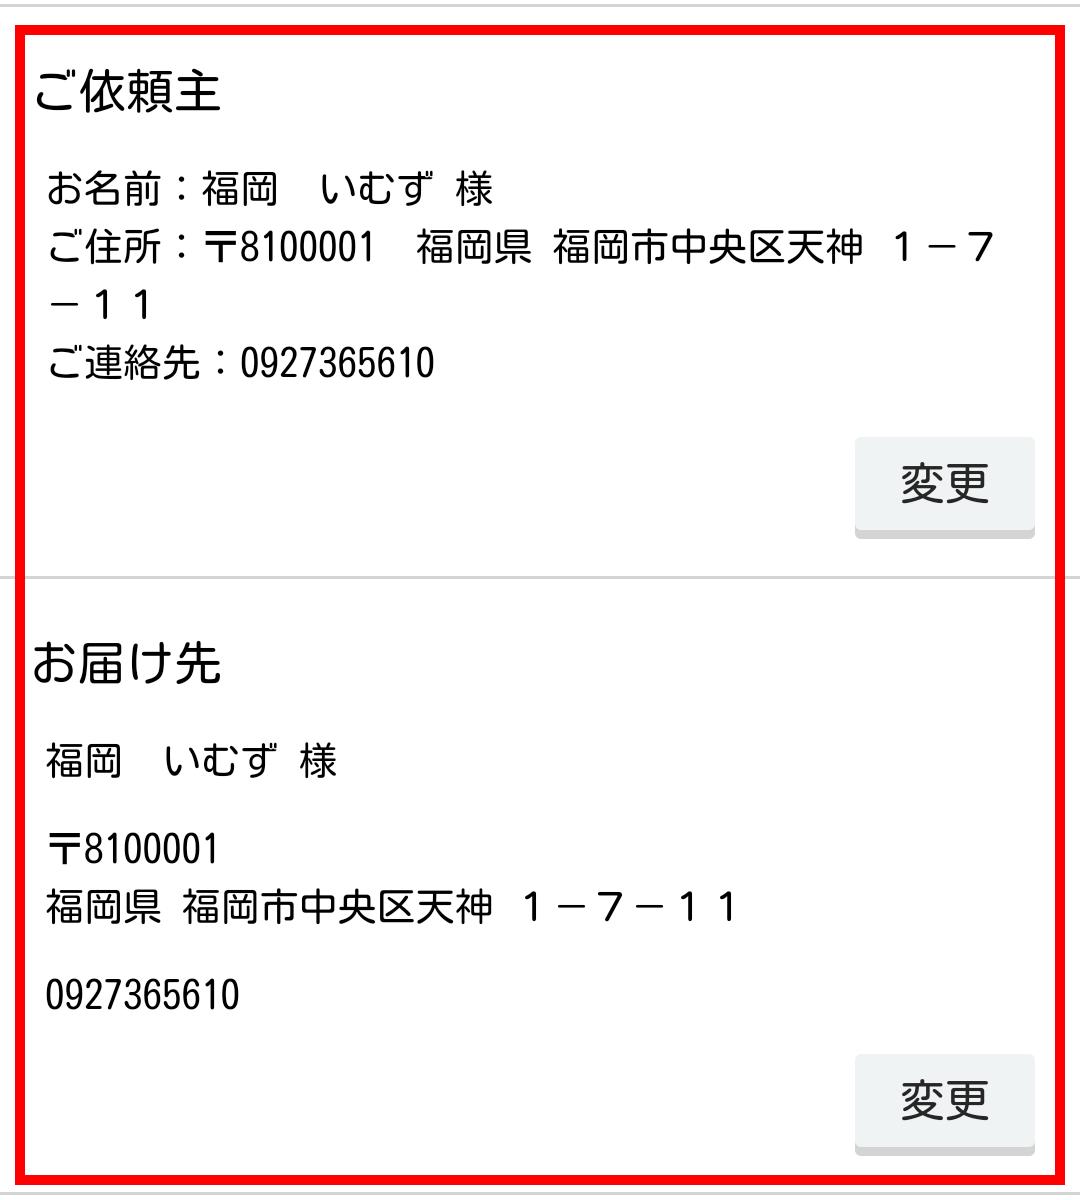 オンラインストア説明_お届け先情報